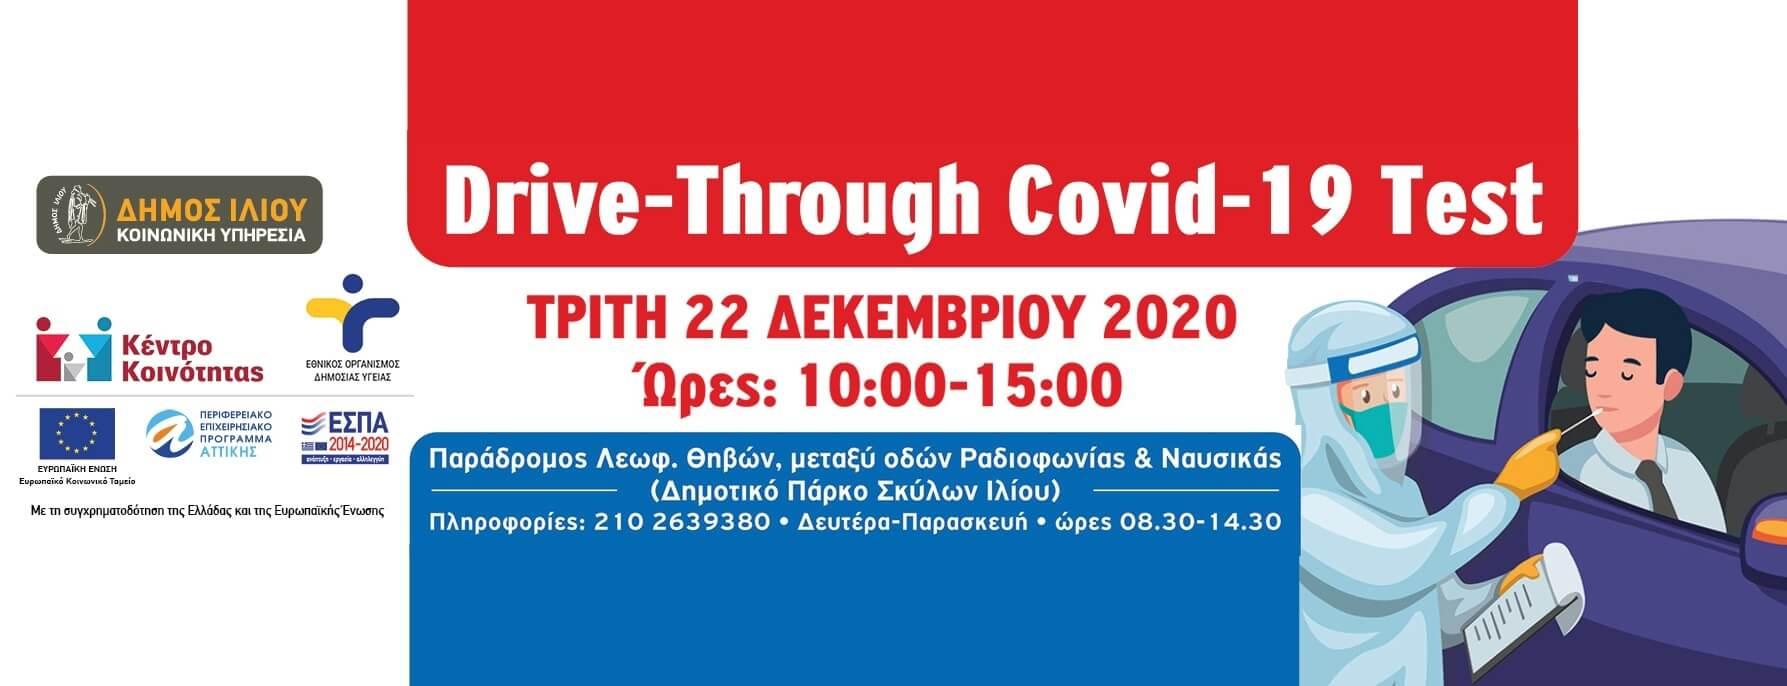 Δωρεάν Drive-Through rapid tests στο Δήμο Ιλίου στις 22.12.2020